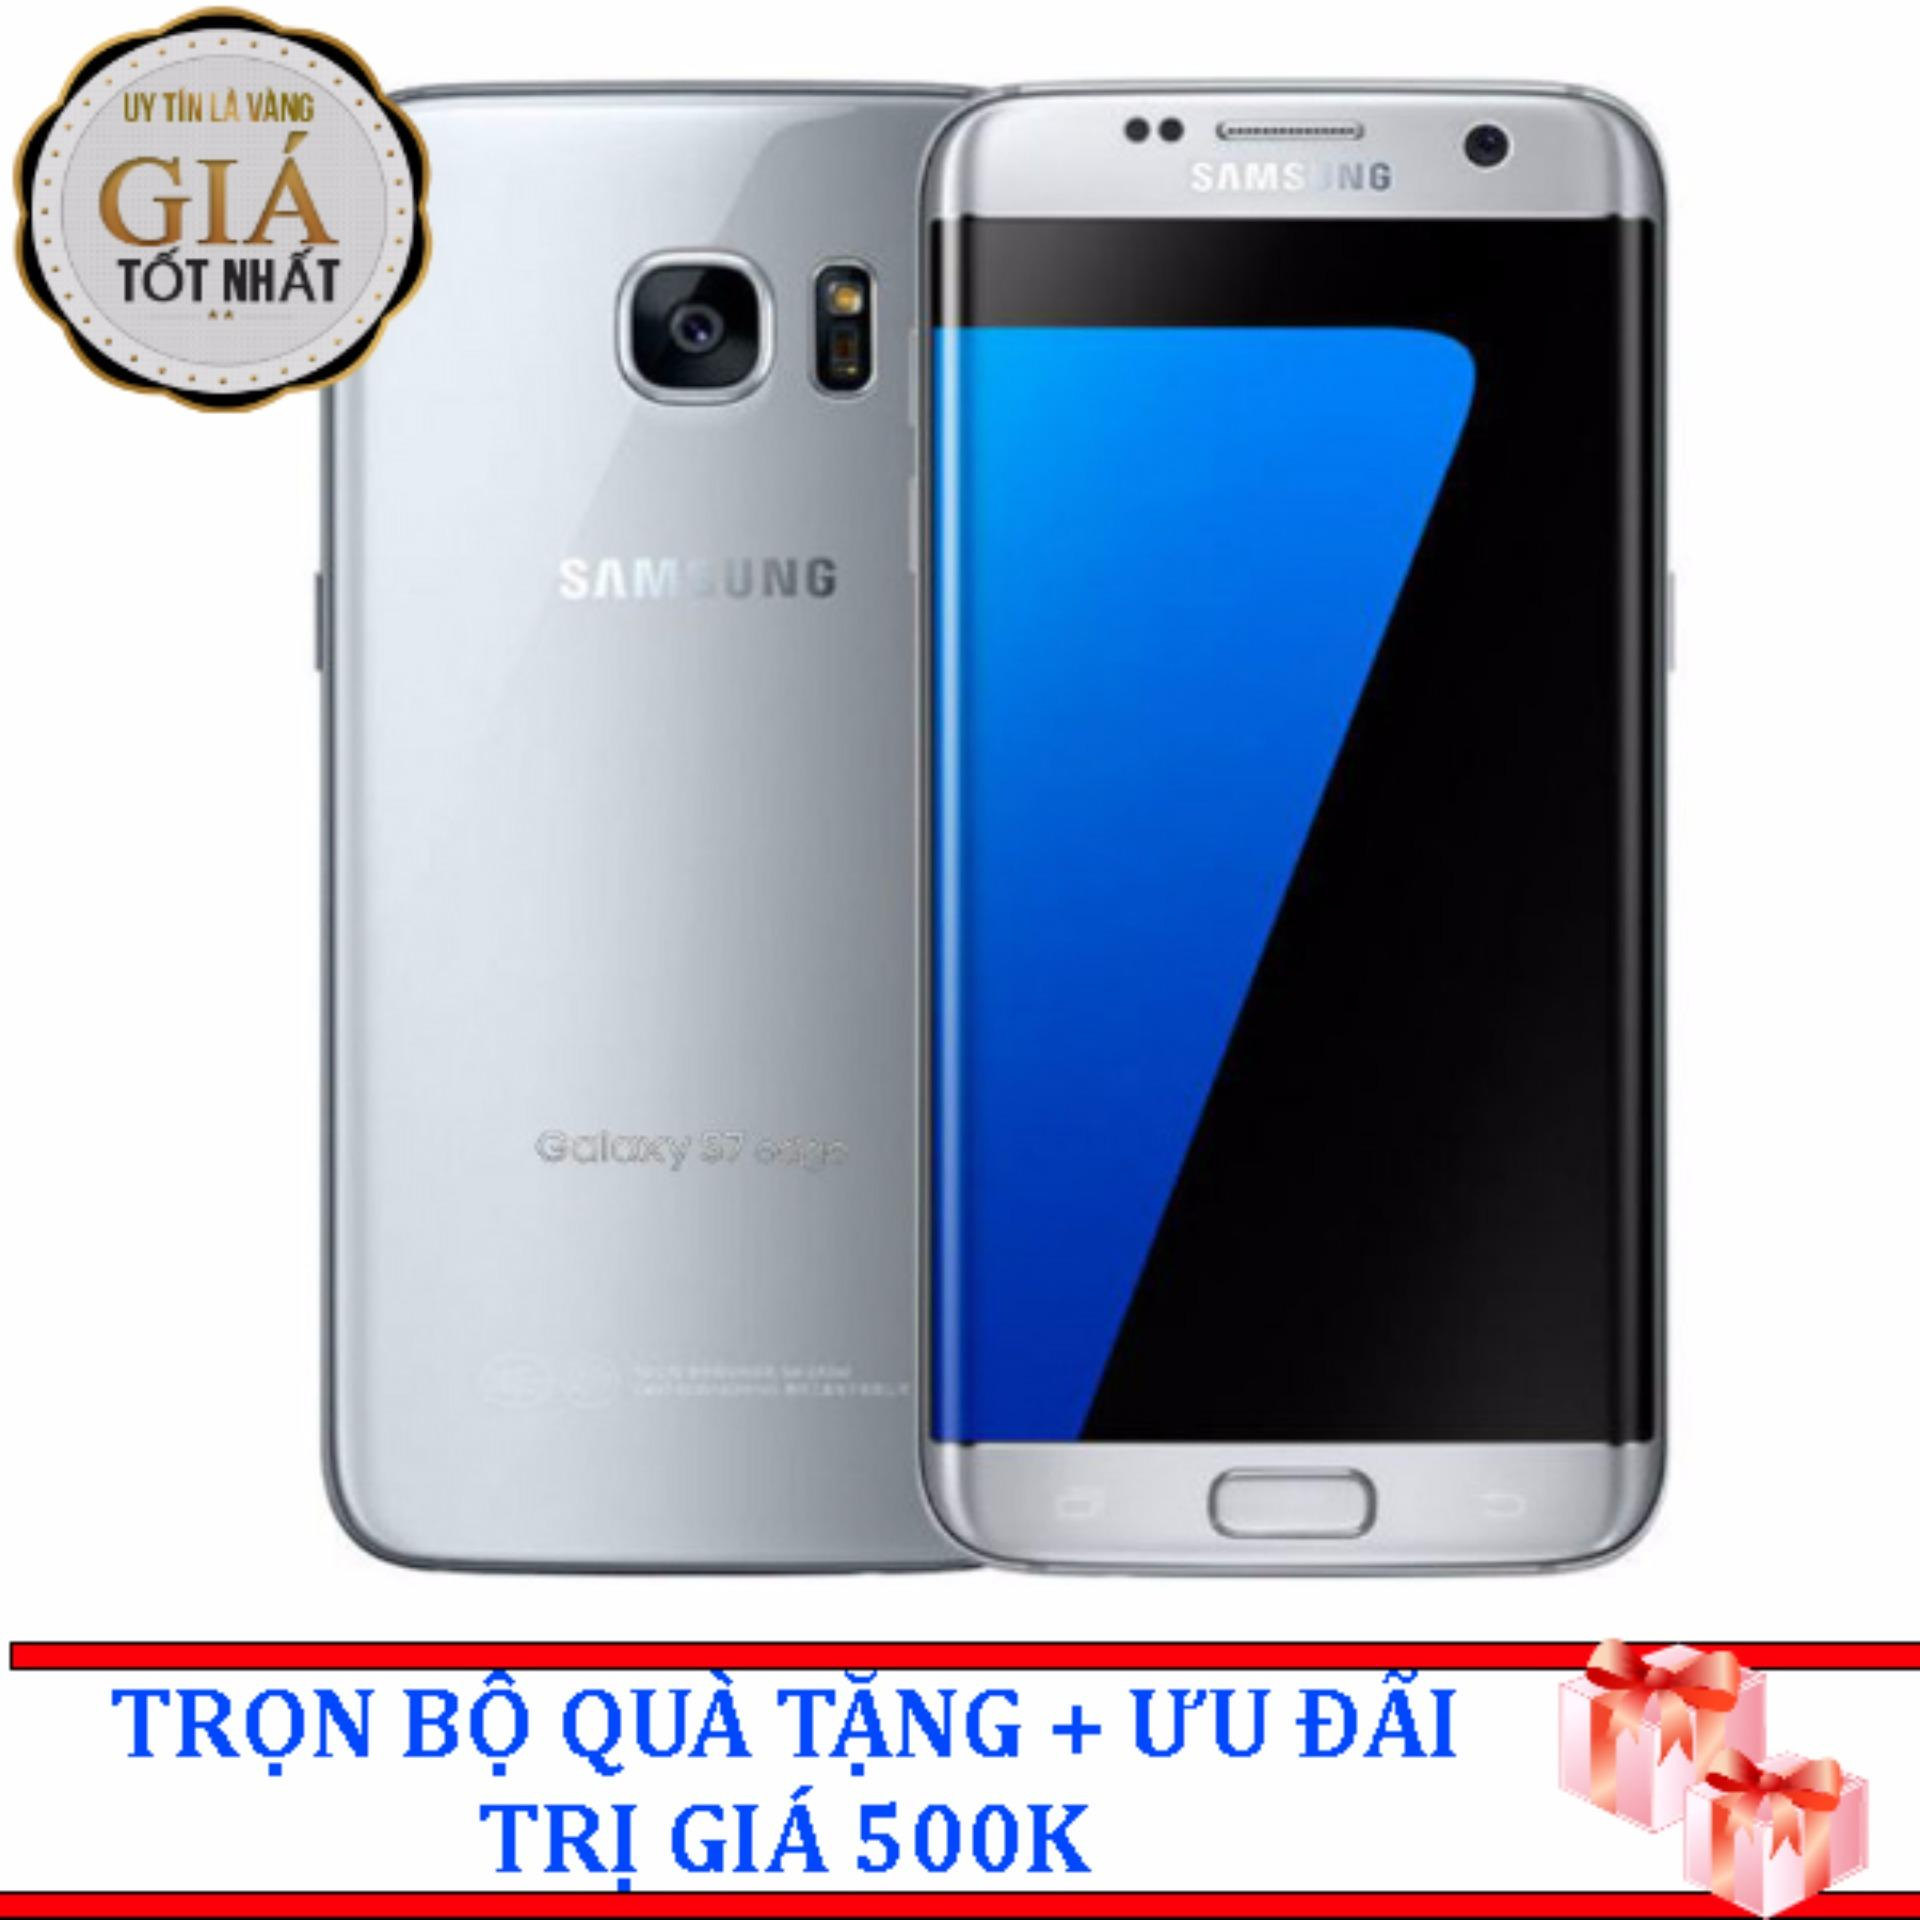 Ôn Tập Trên Samsung Galaxy S7 Edge 32Gb Bạc Hang Nhập Khẩu